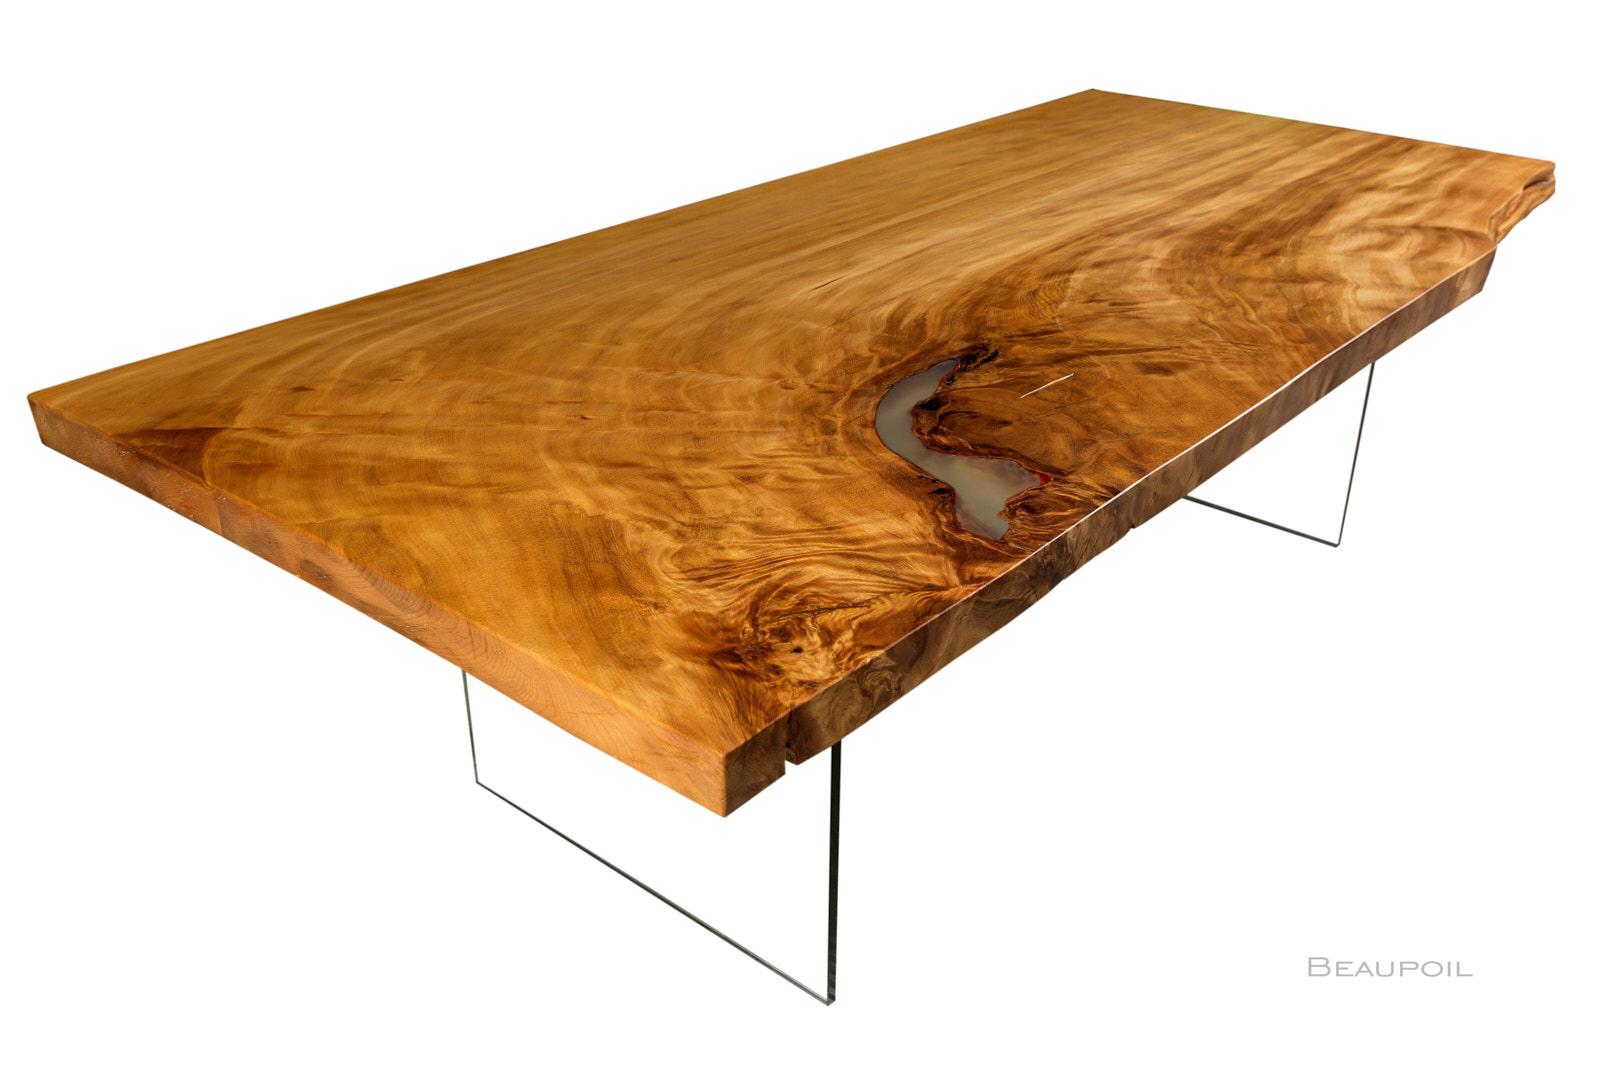 Außergewöhnlicher Design Tisch aus ursprünglichen Kauri Holz mit Glasfüßen und Tischplatte faszinierender Naturcharakteristik mit qualitativ hochwertiger Verarbeitung von Beaupoil